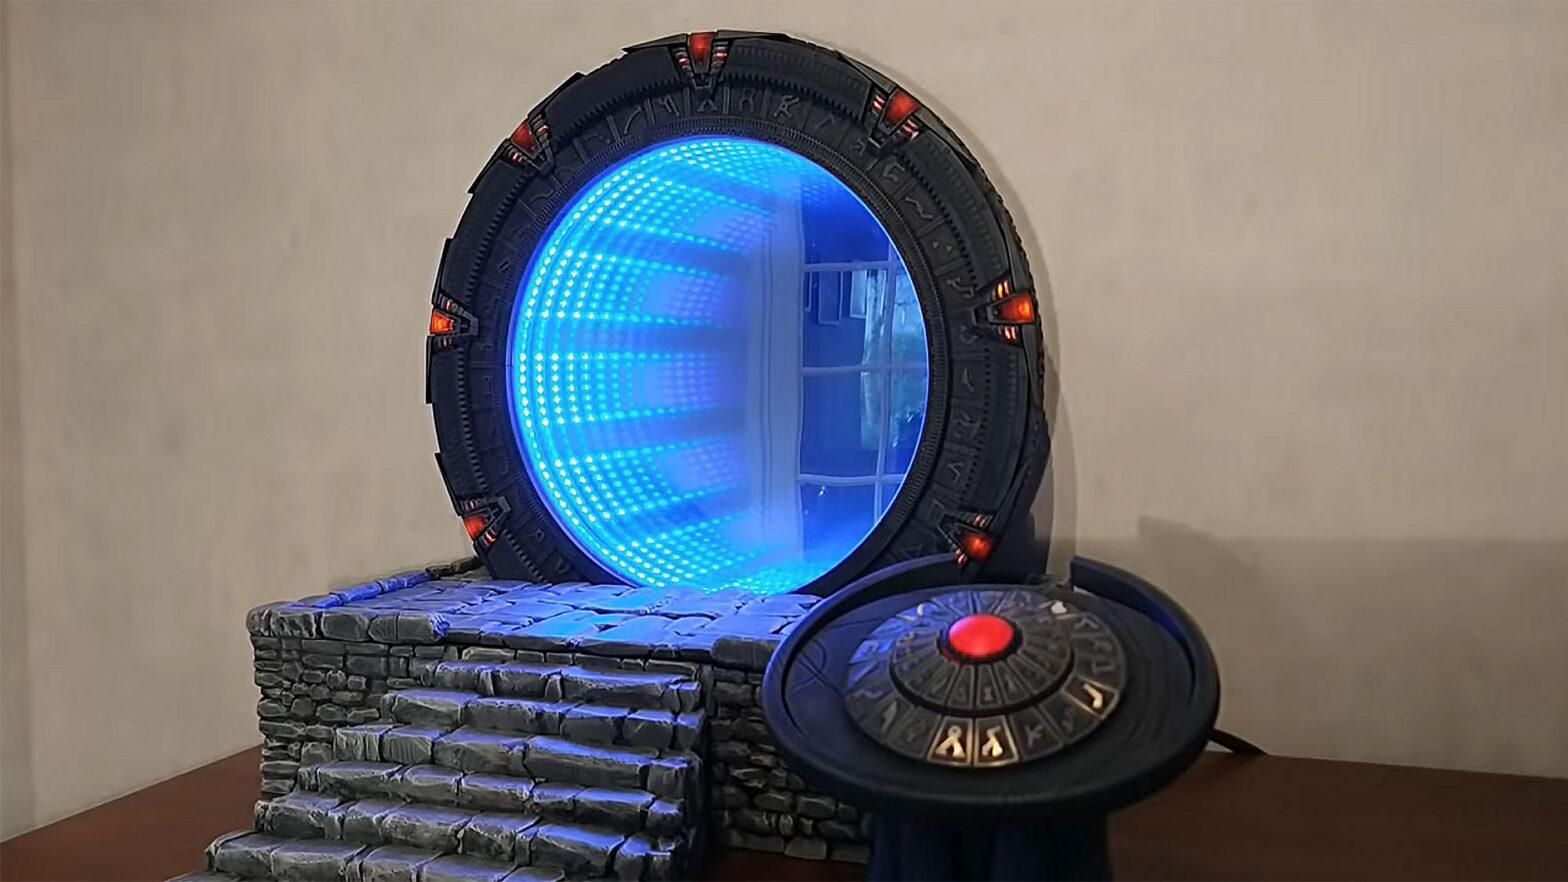 Stargate Einstein-Rosen Bridge Portal by Kristian Tysse